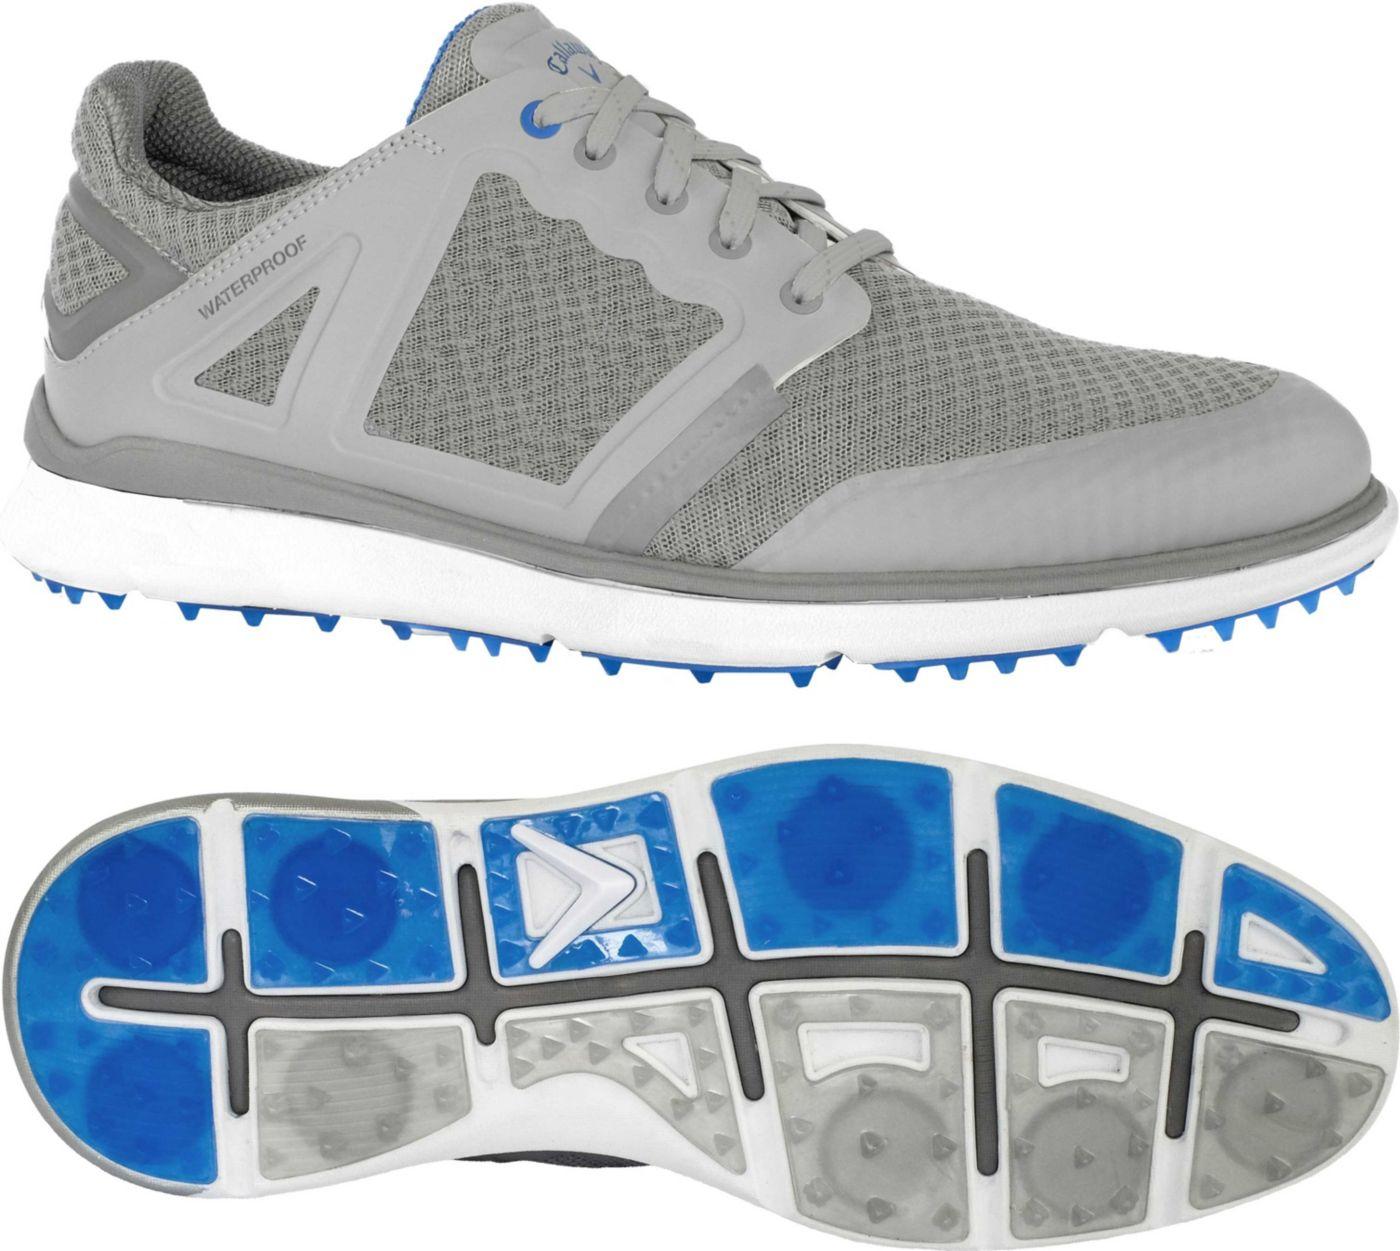 Callaway Men's Highland Golf Shoes